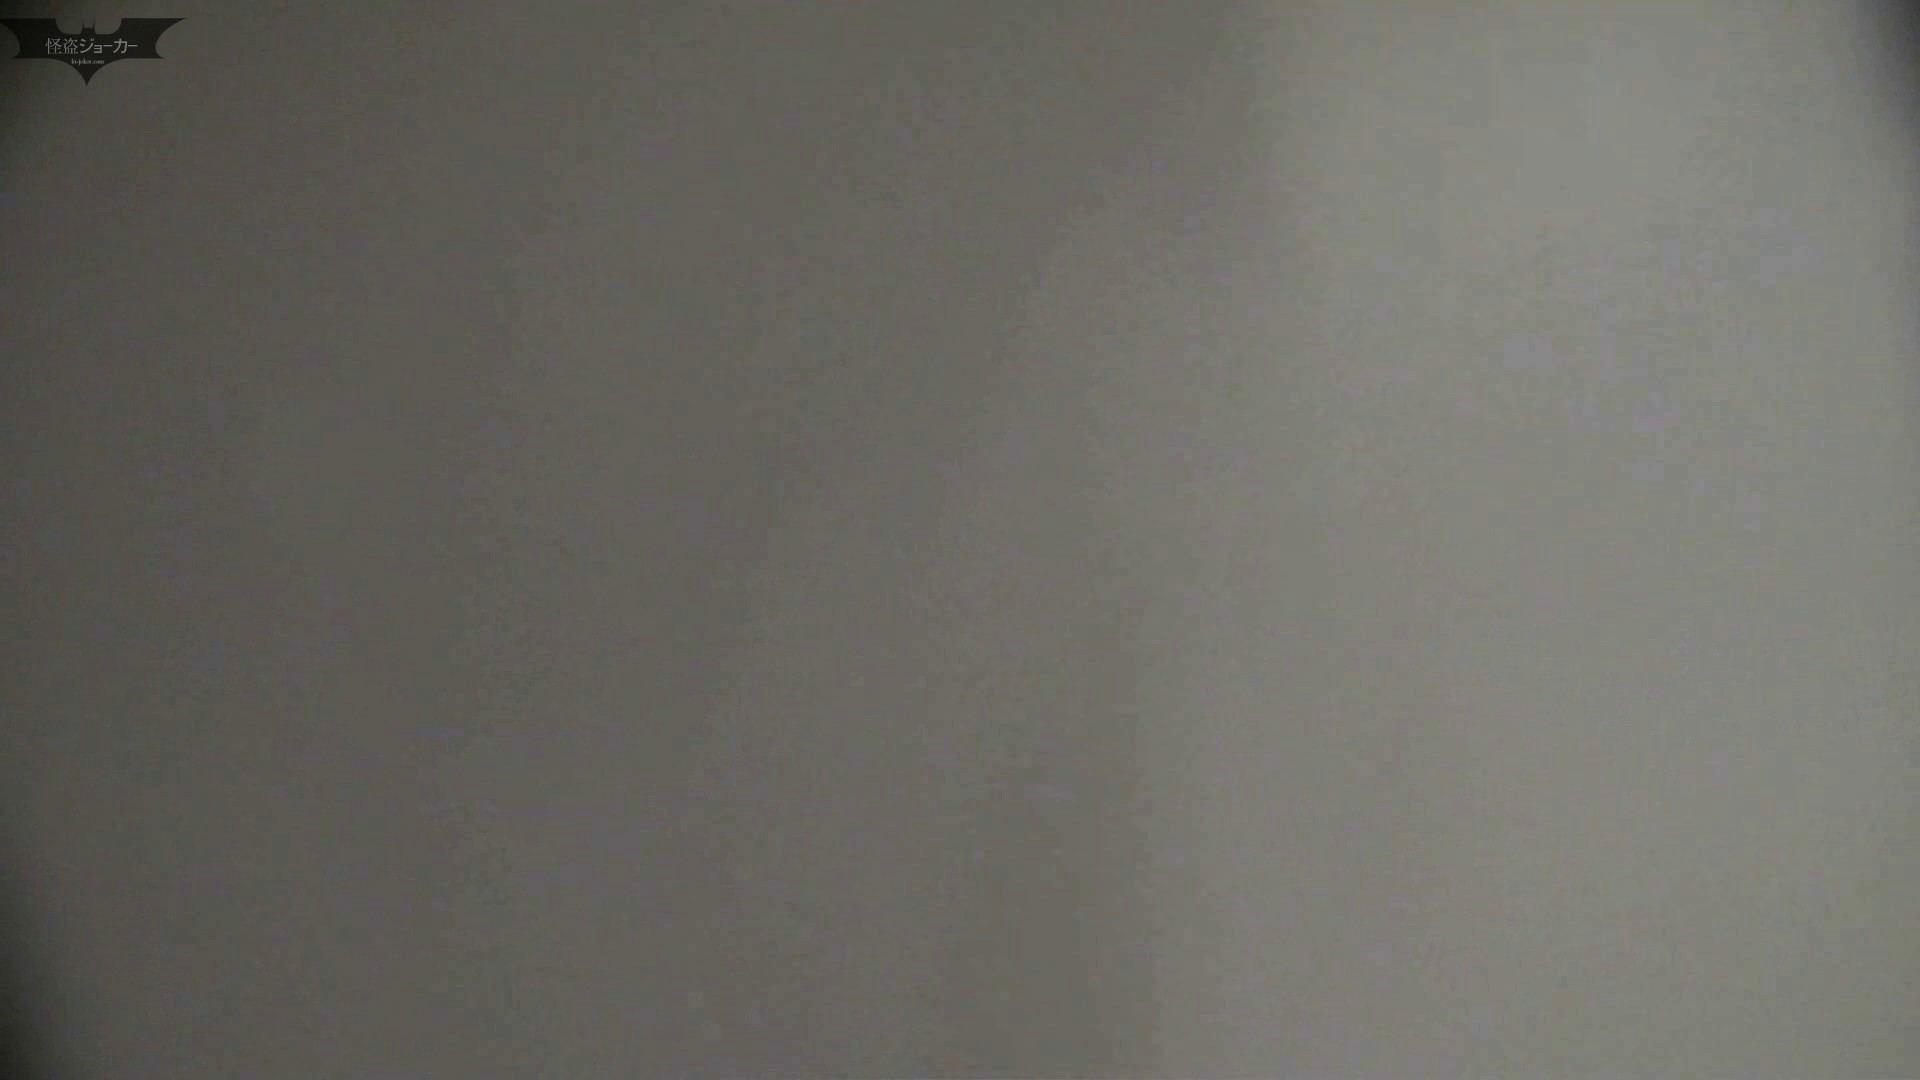 お銀さんの「洗面所突入レポート!!」 vol.53 冬到来!美女も到来! 美人編  60画像 8